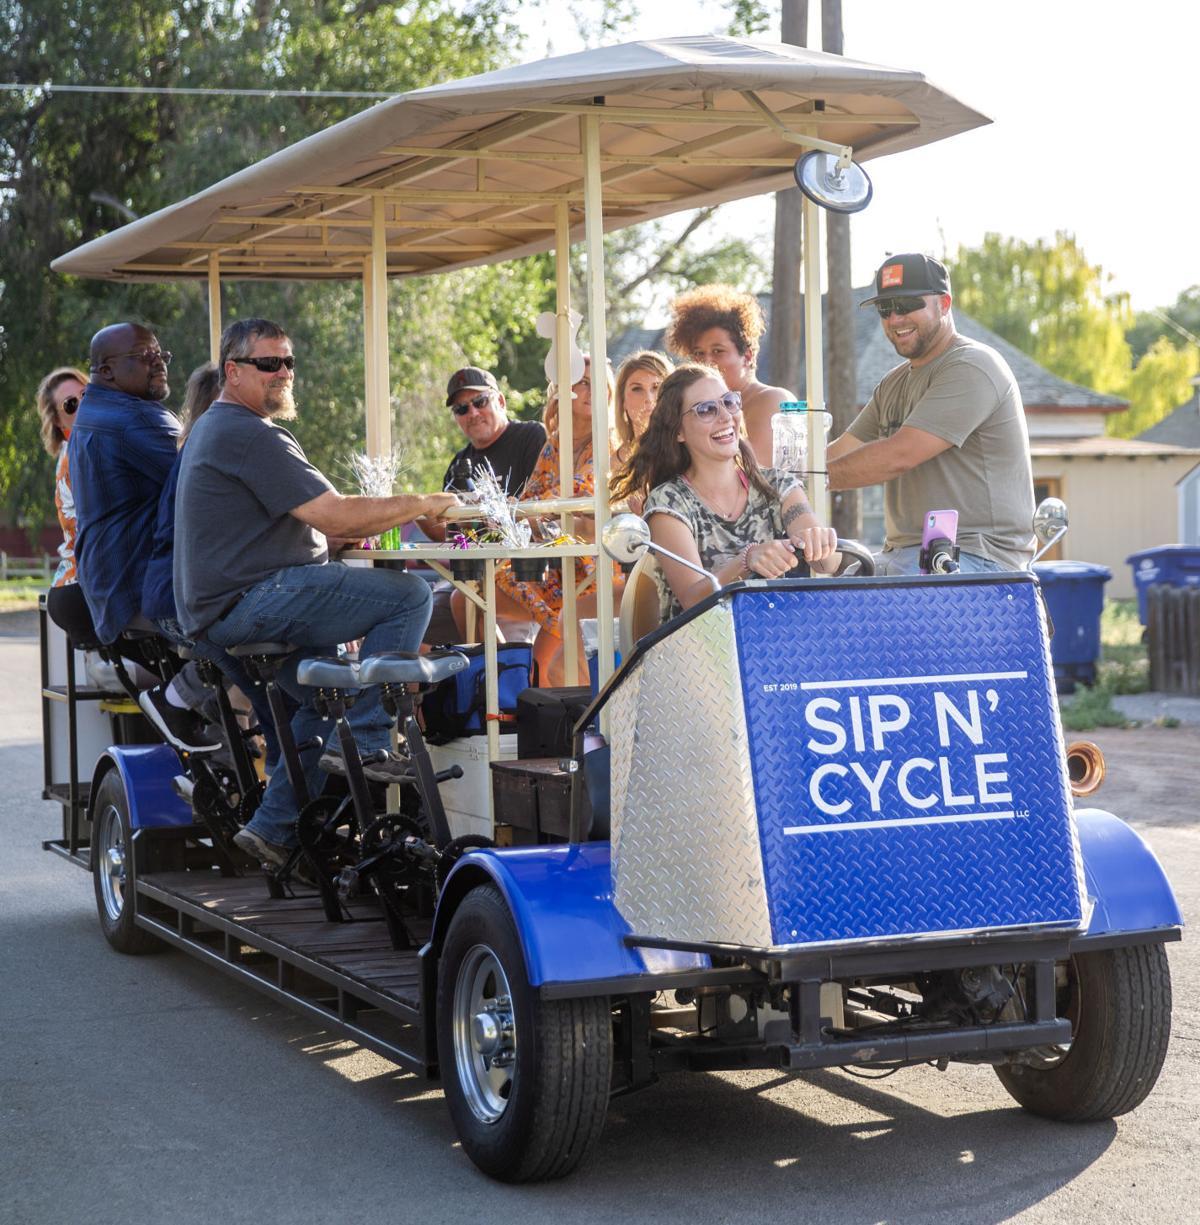 Sip N' Cycling through town